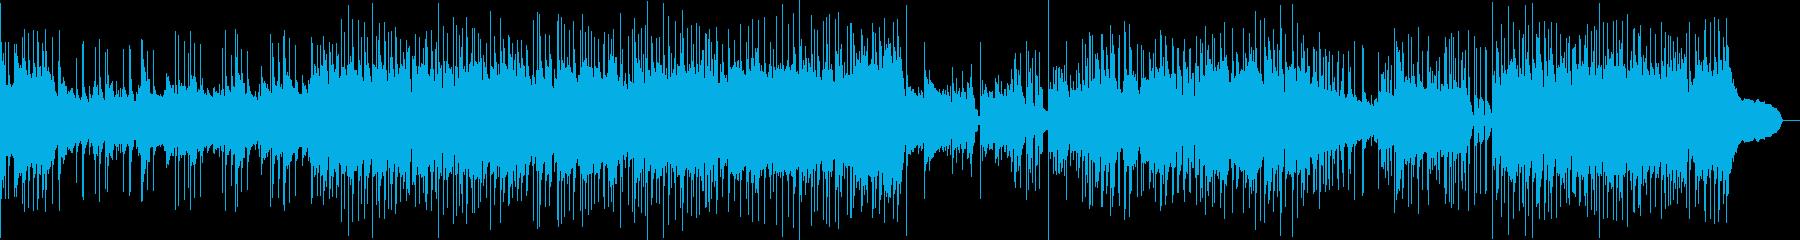 疾走感のあるジャズピアノインストの再生済みの波形